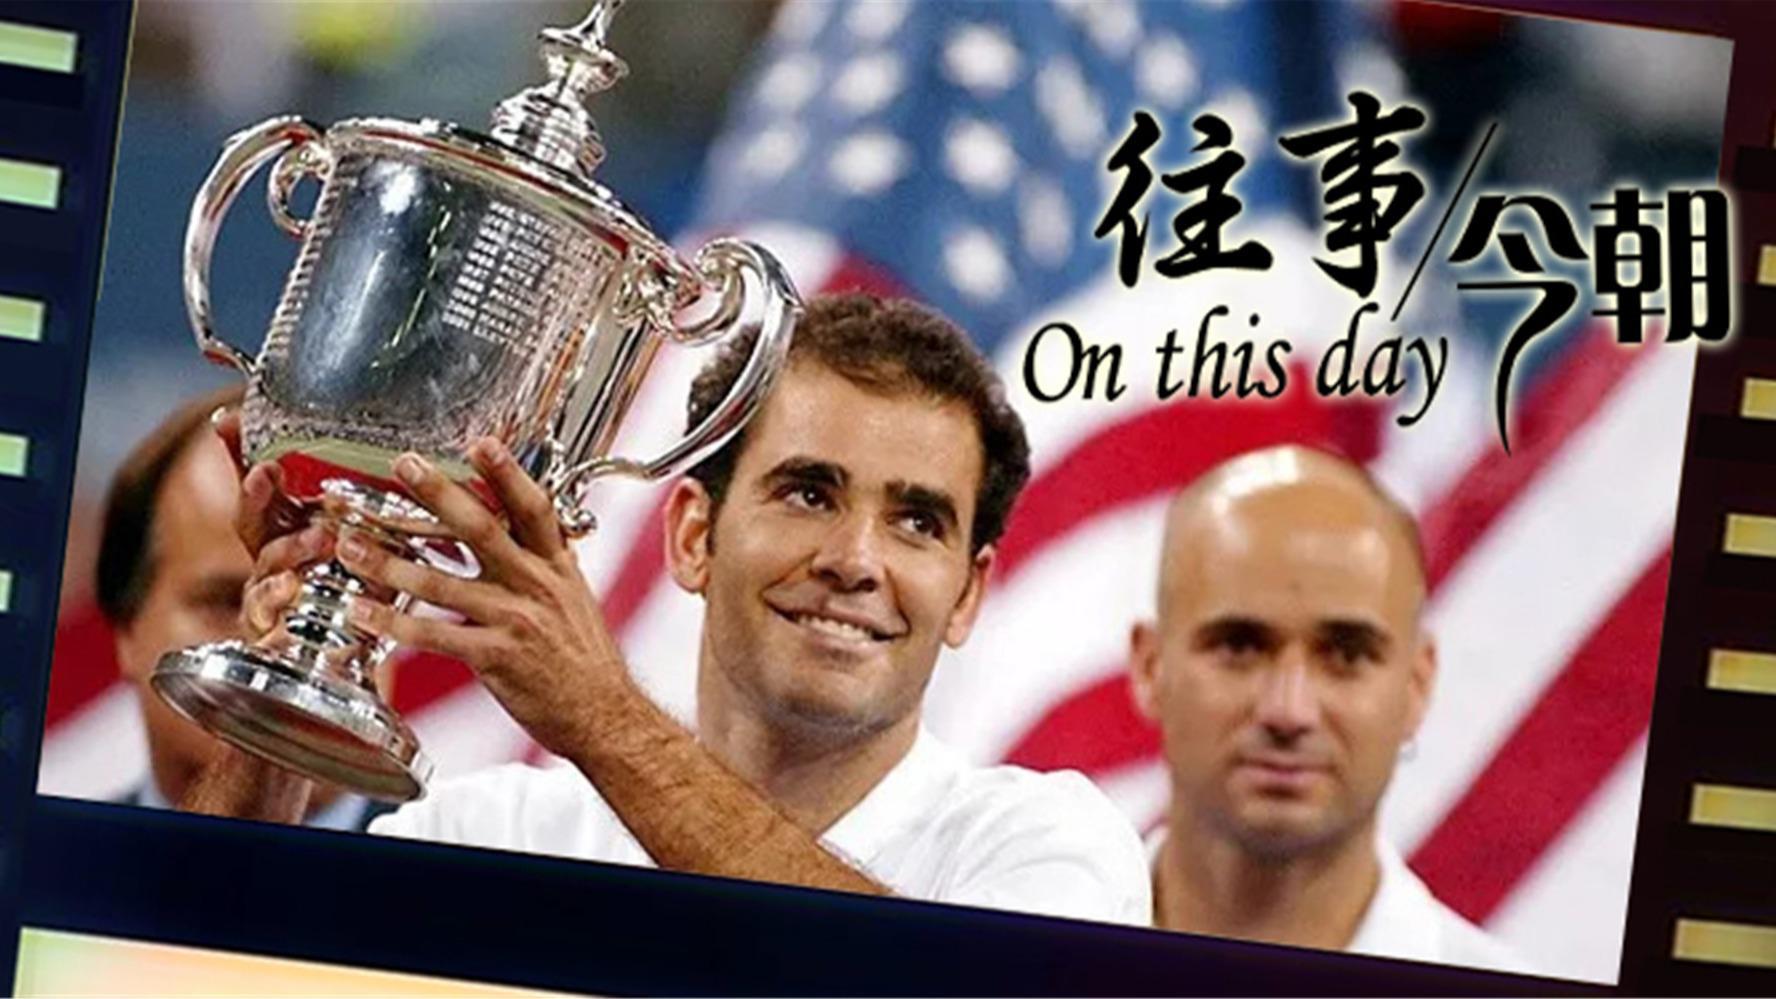 《往事-今朝》2002年9月8日 桑普拉斯获第14个大满贯